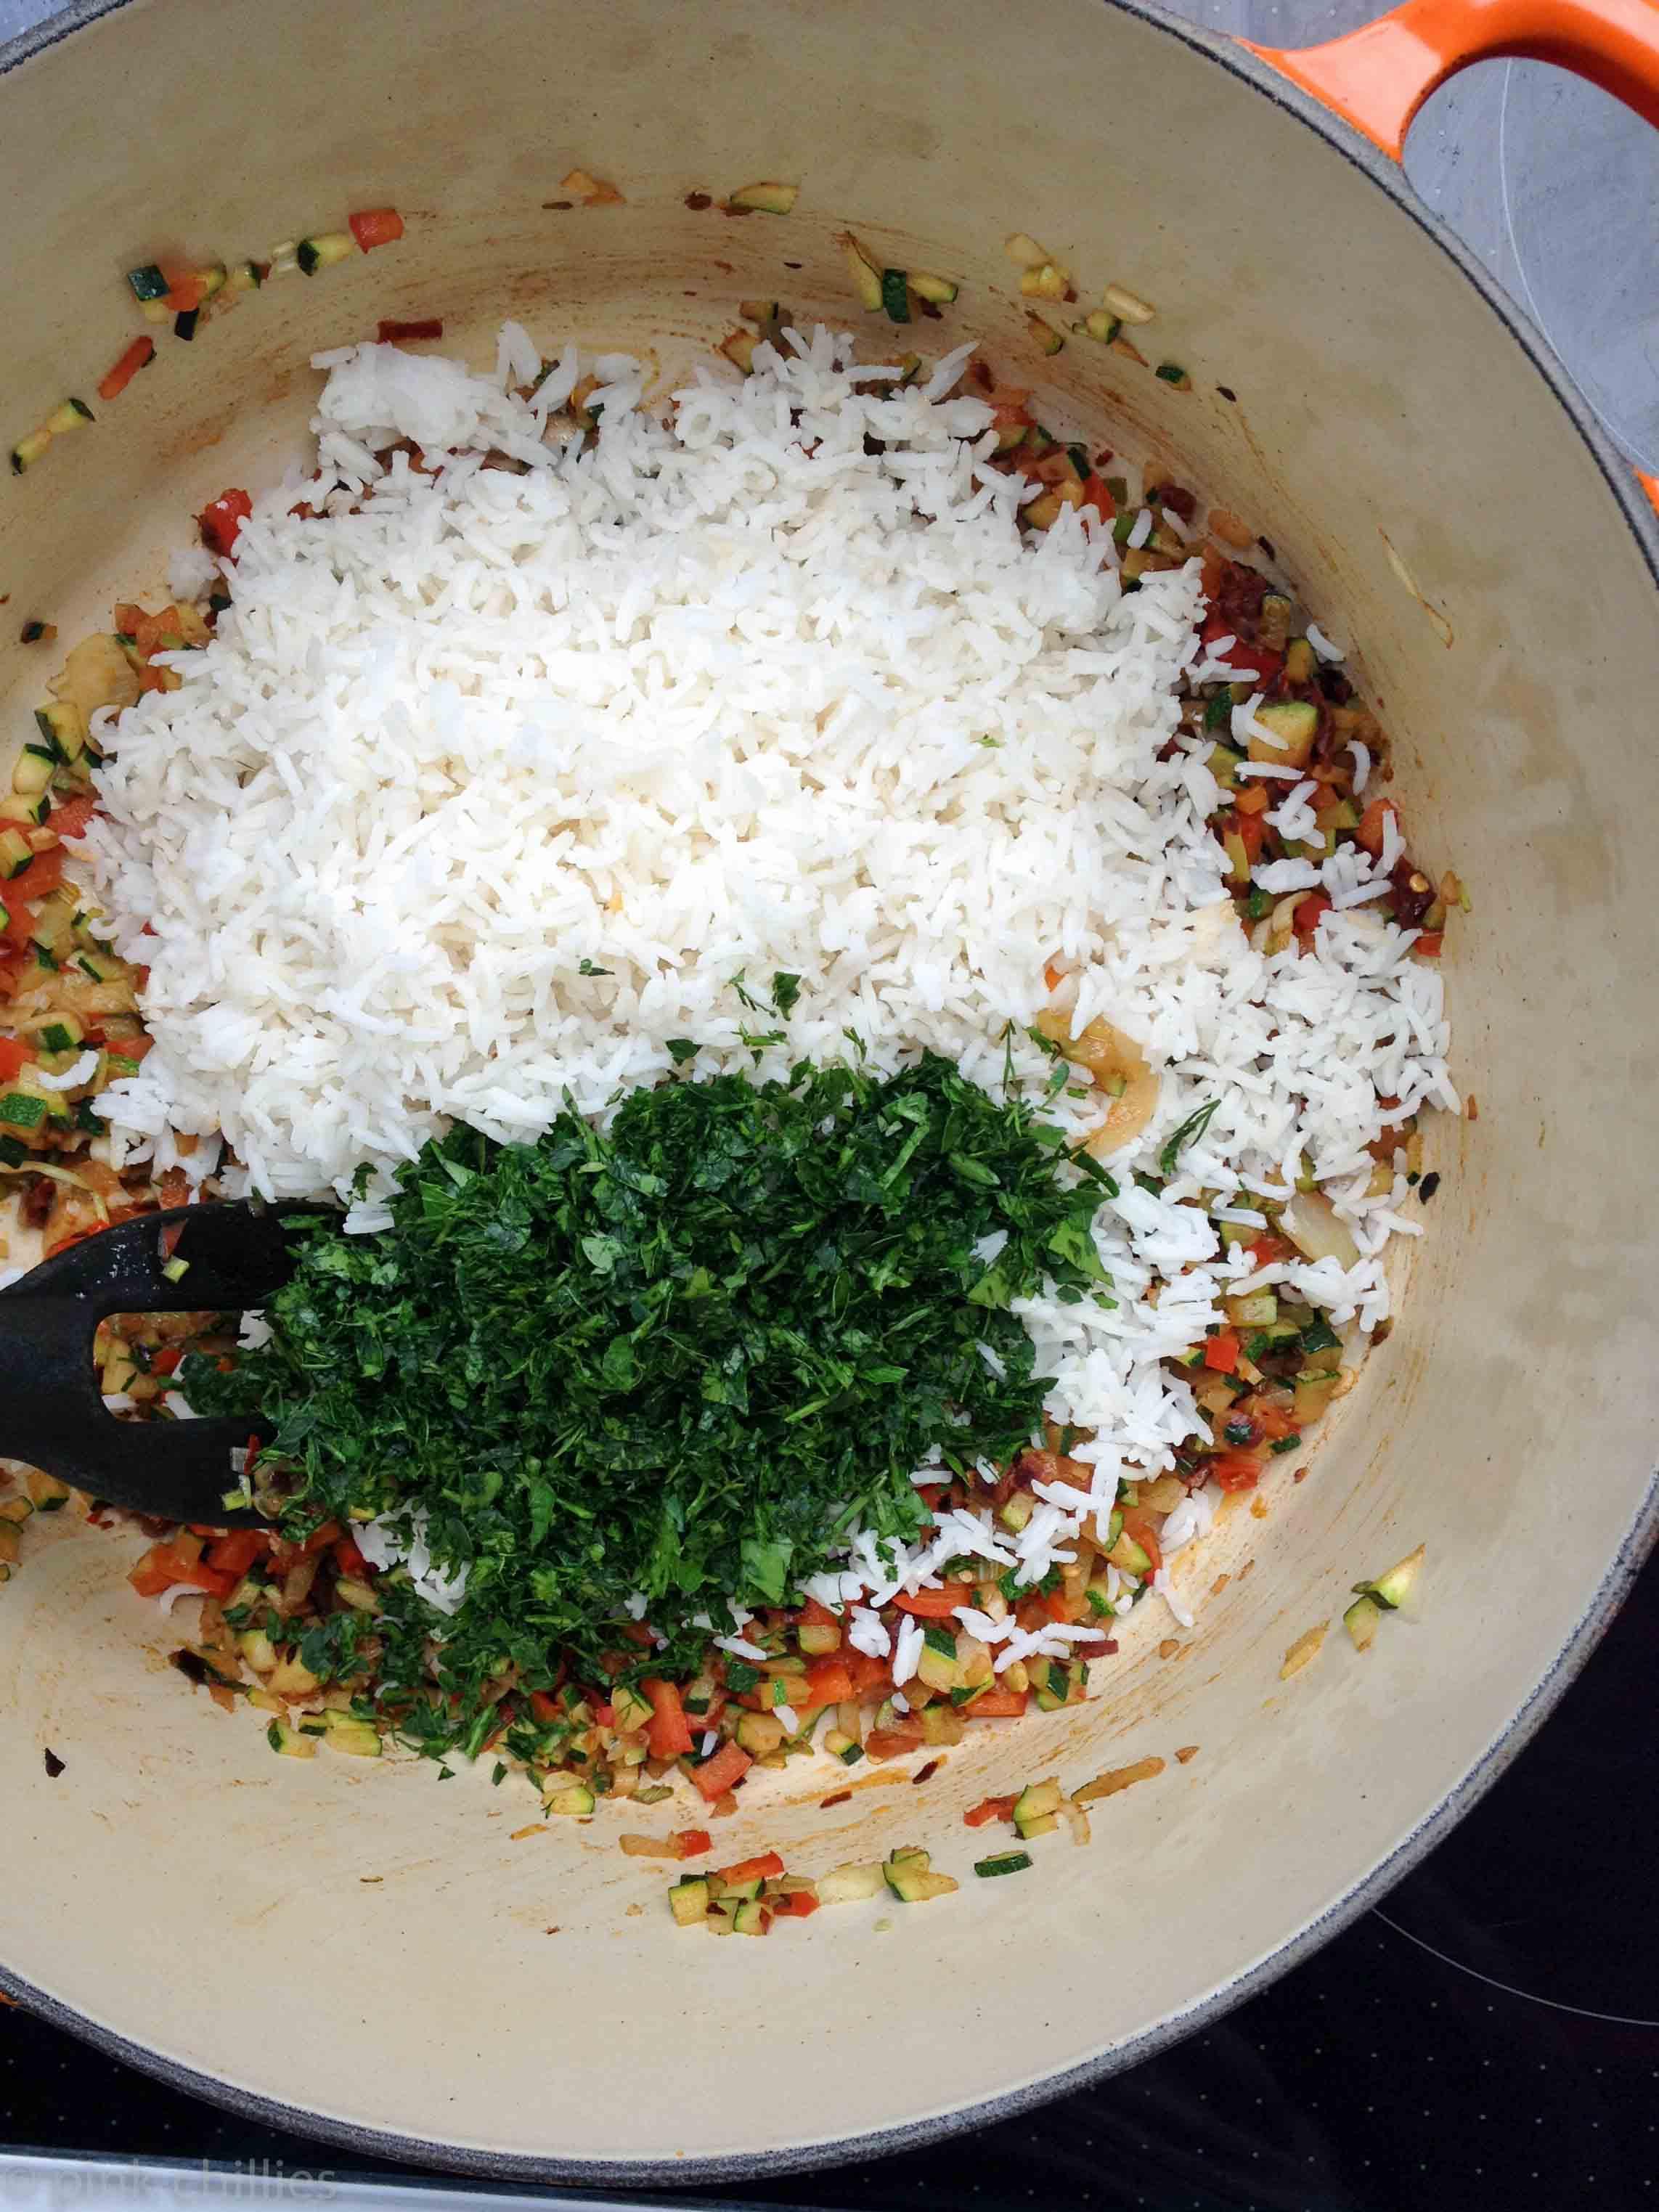 Reis mit Gemüse und frischen Kräutern